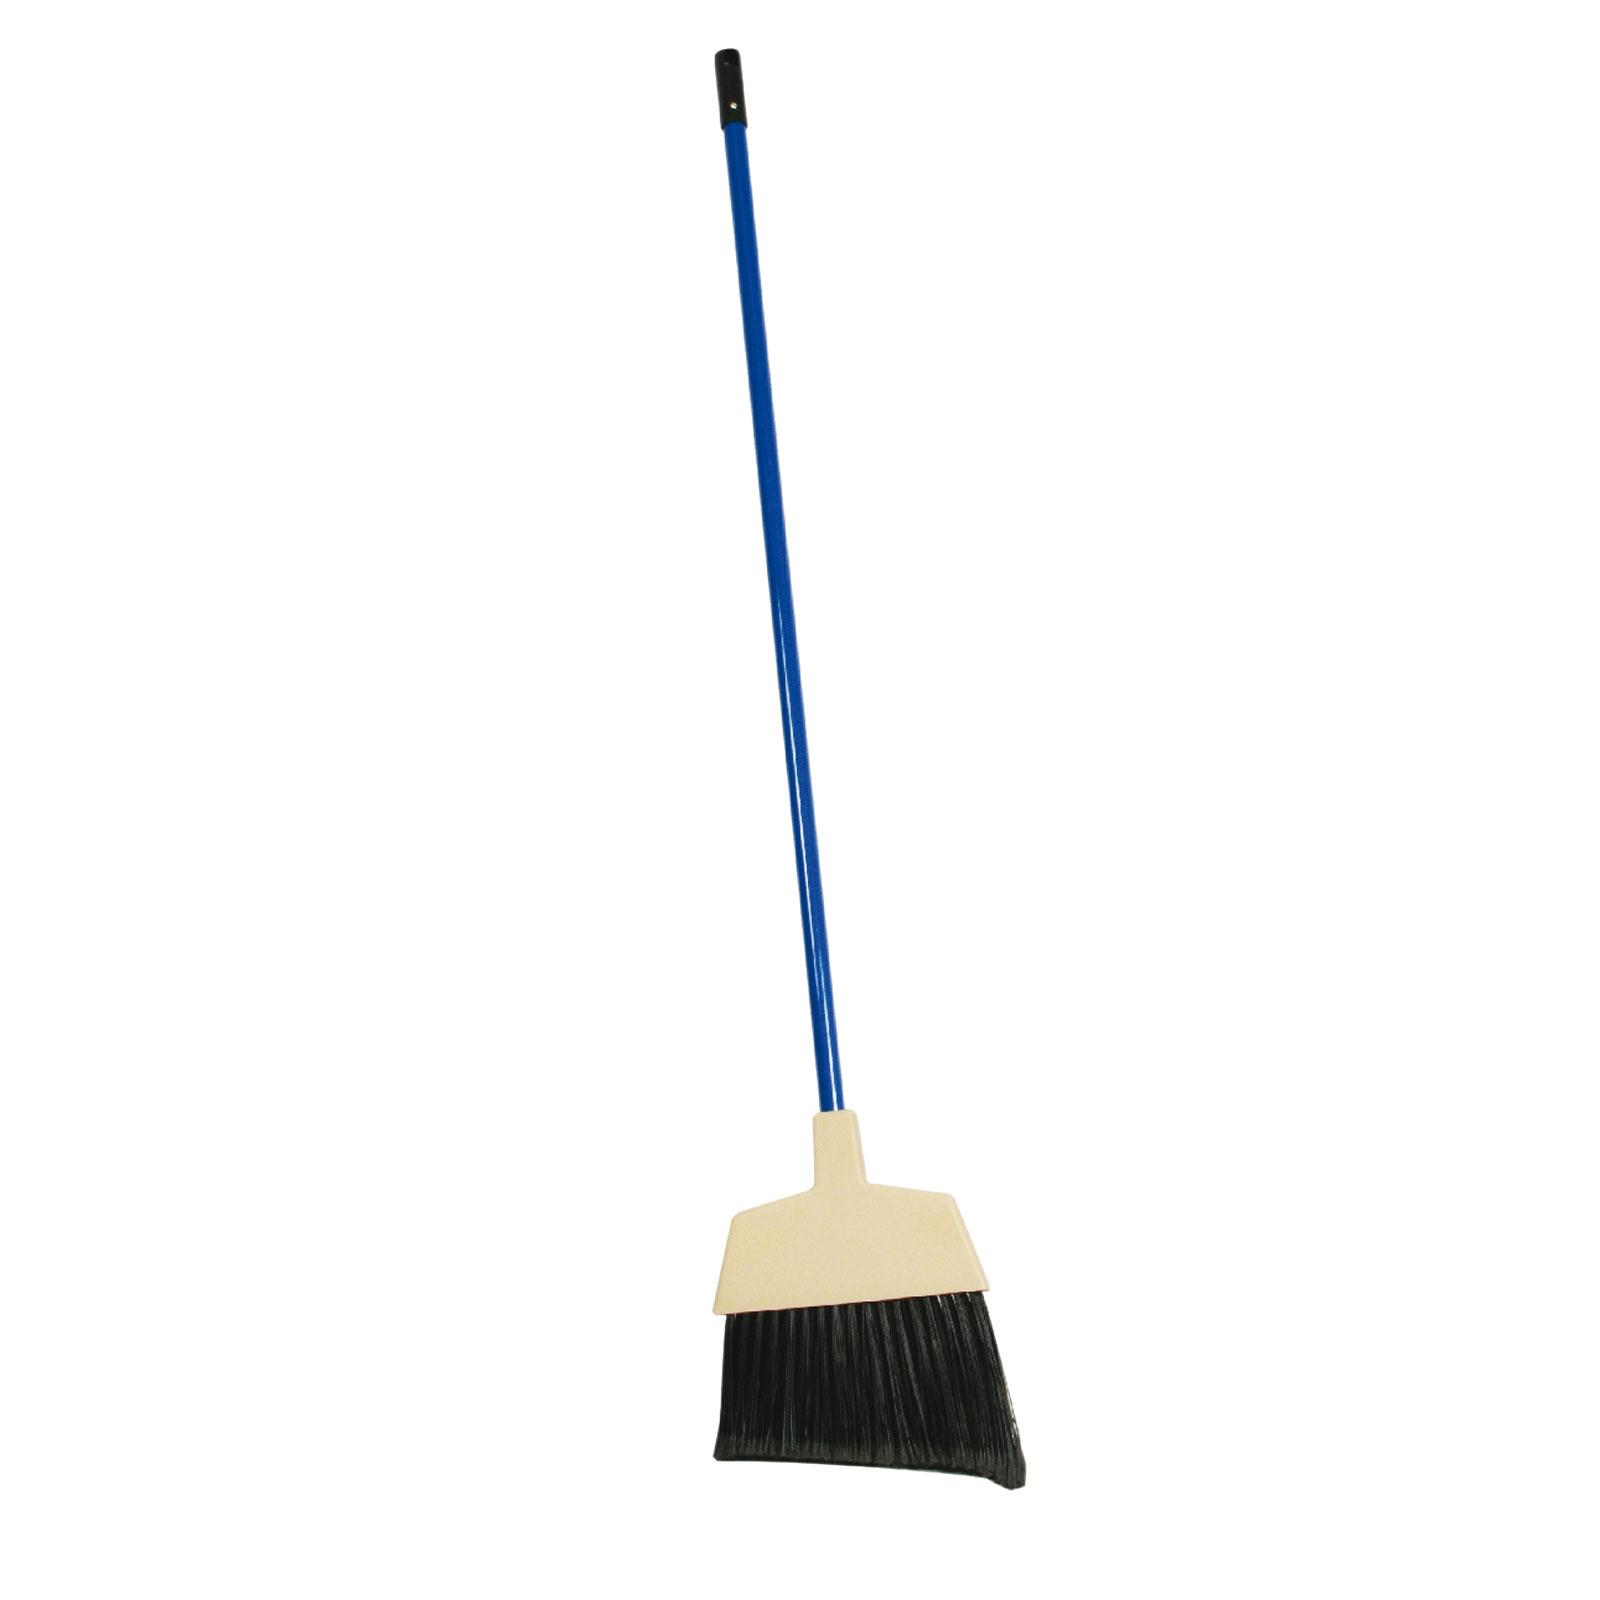 3700-130 Winco BRM-60L broom